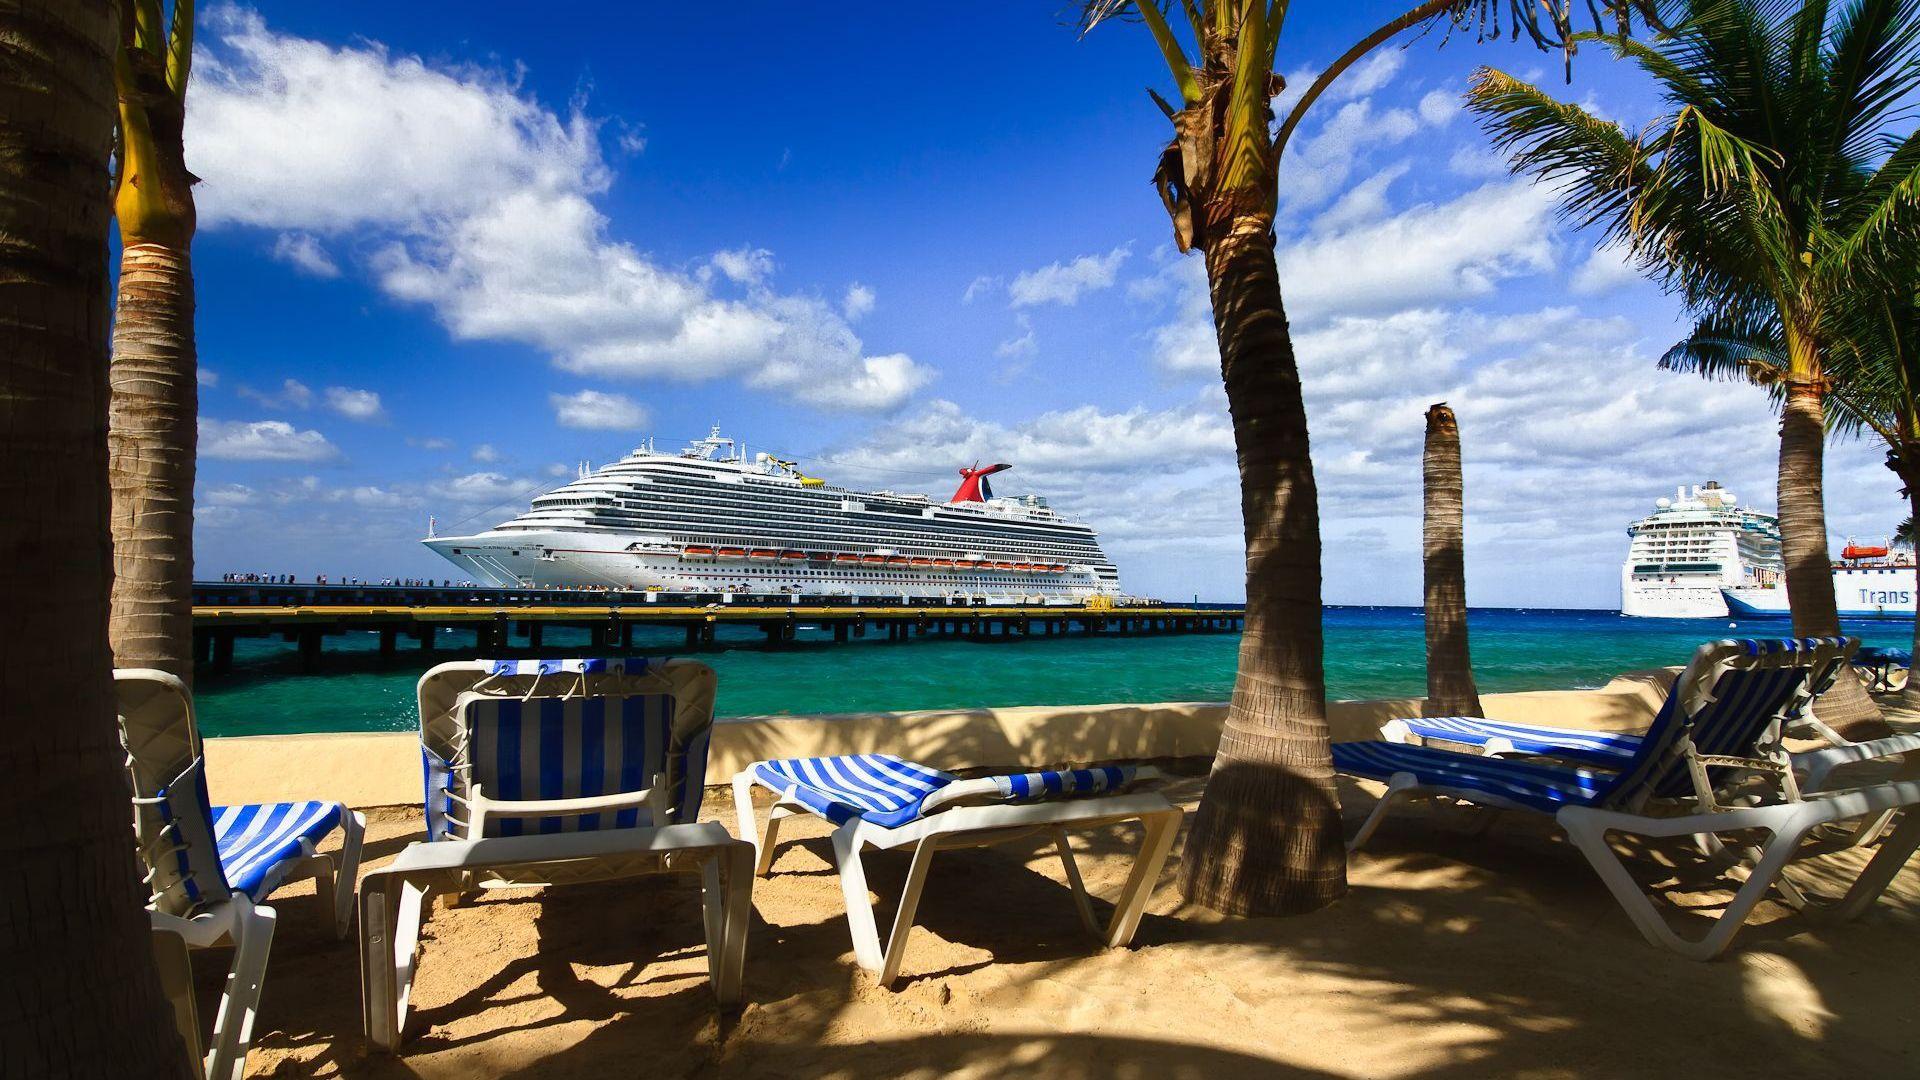 Cruise Ships   1920x1080   169 1920x1080